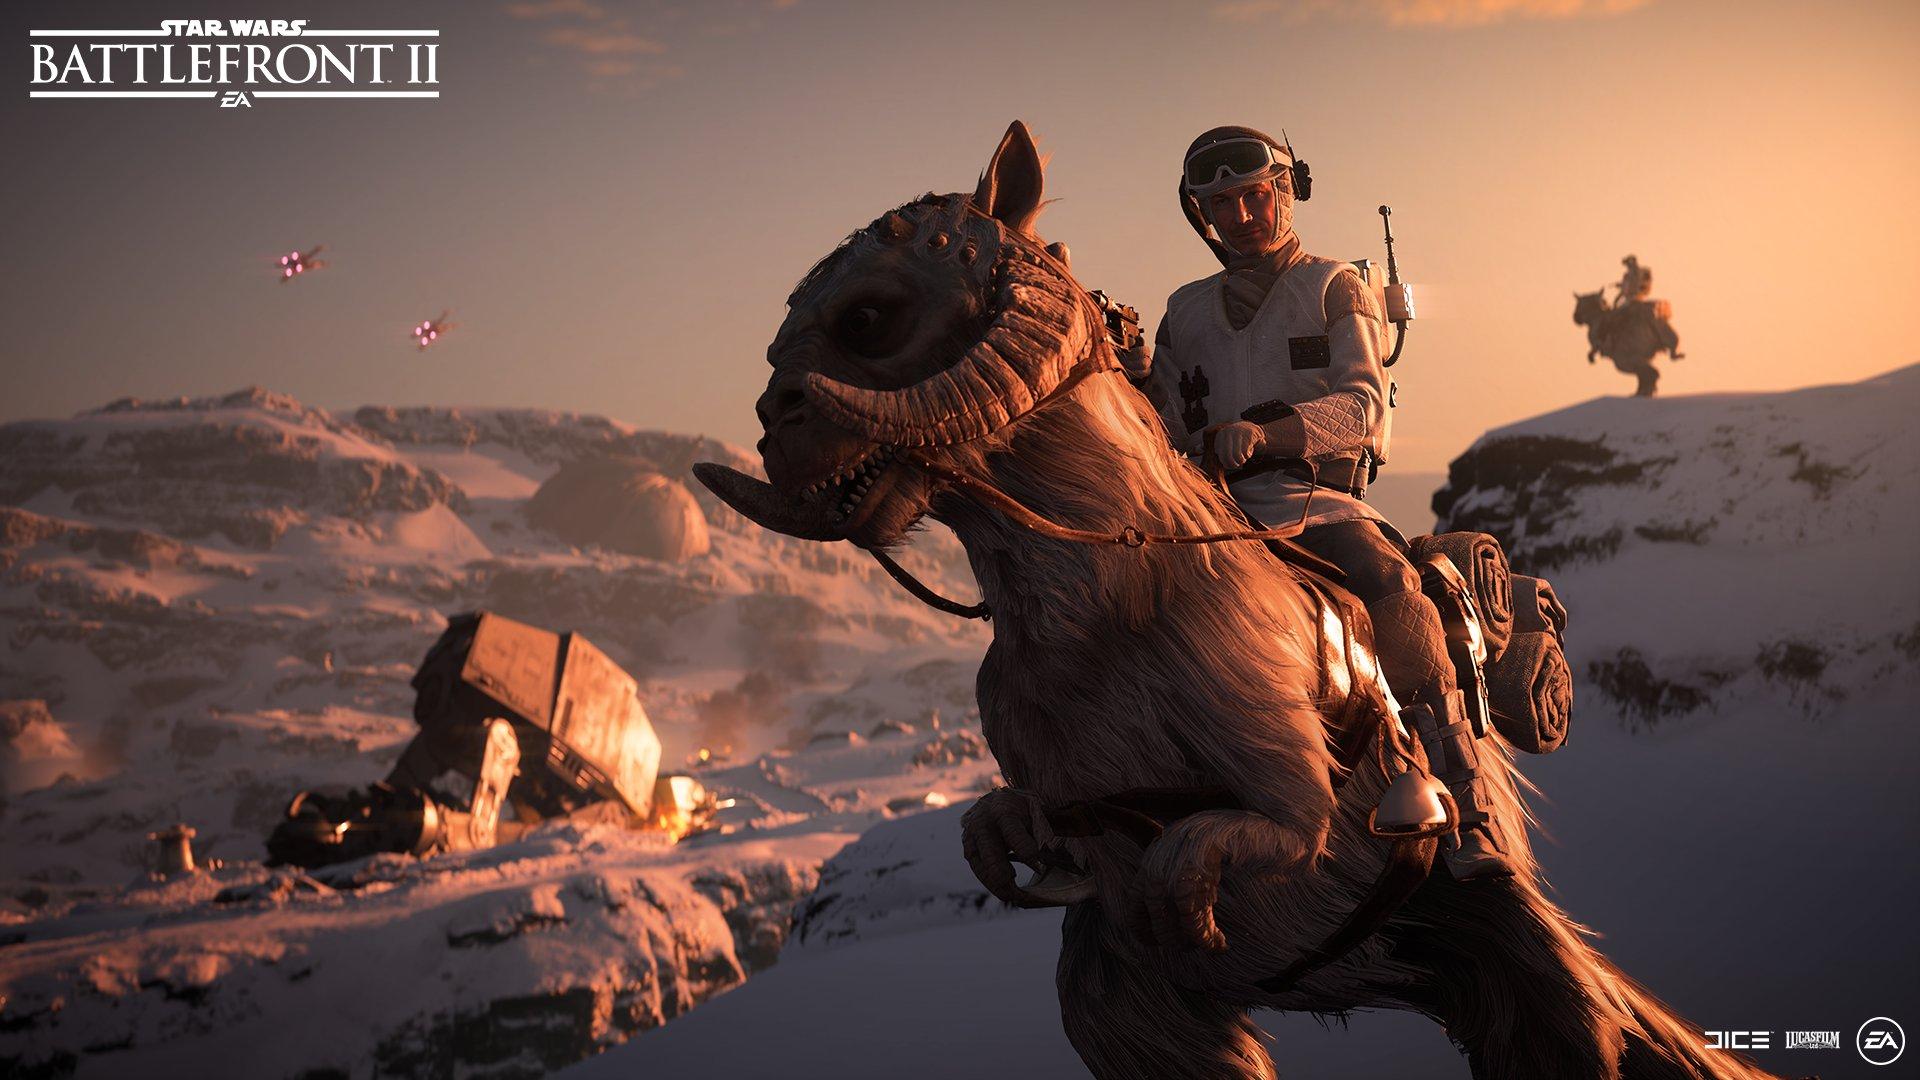 RT si vous êtes prêt  à chevaucher un Tauntaun sur les champs de batailles glacés de Hoth. #StarWarsBattlefrontII https://t.co/frV7uiQPMk